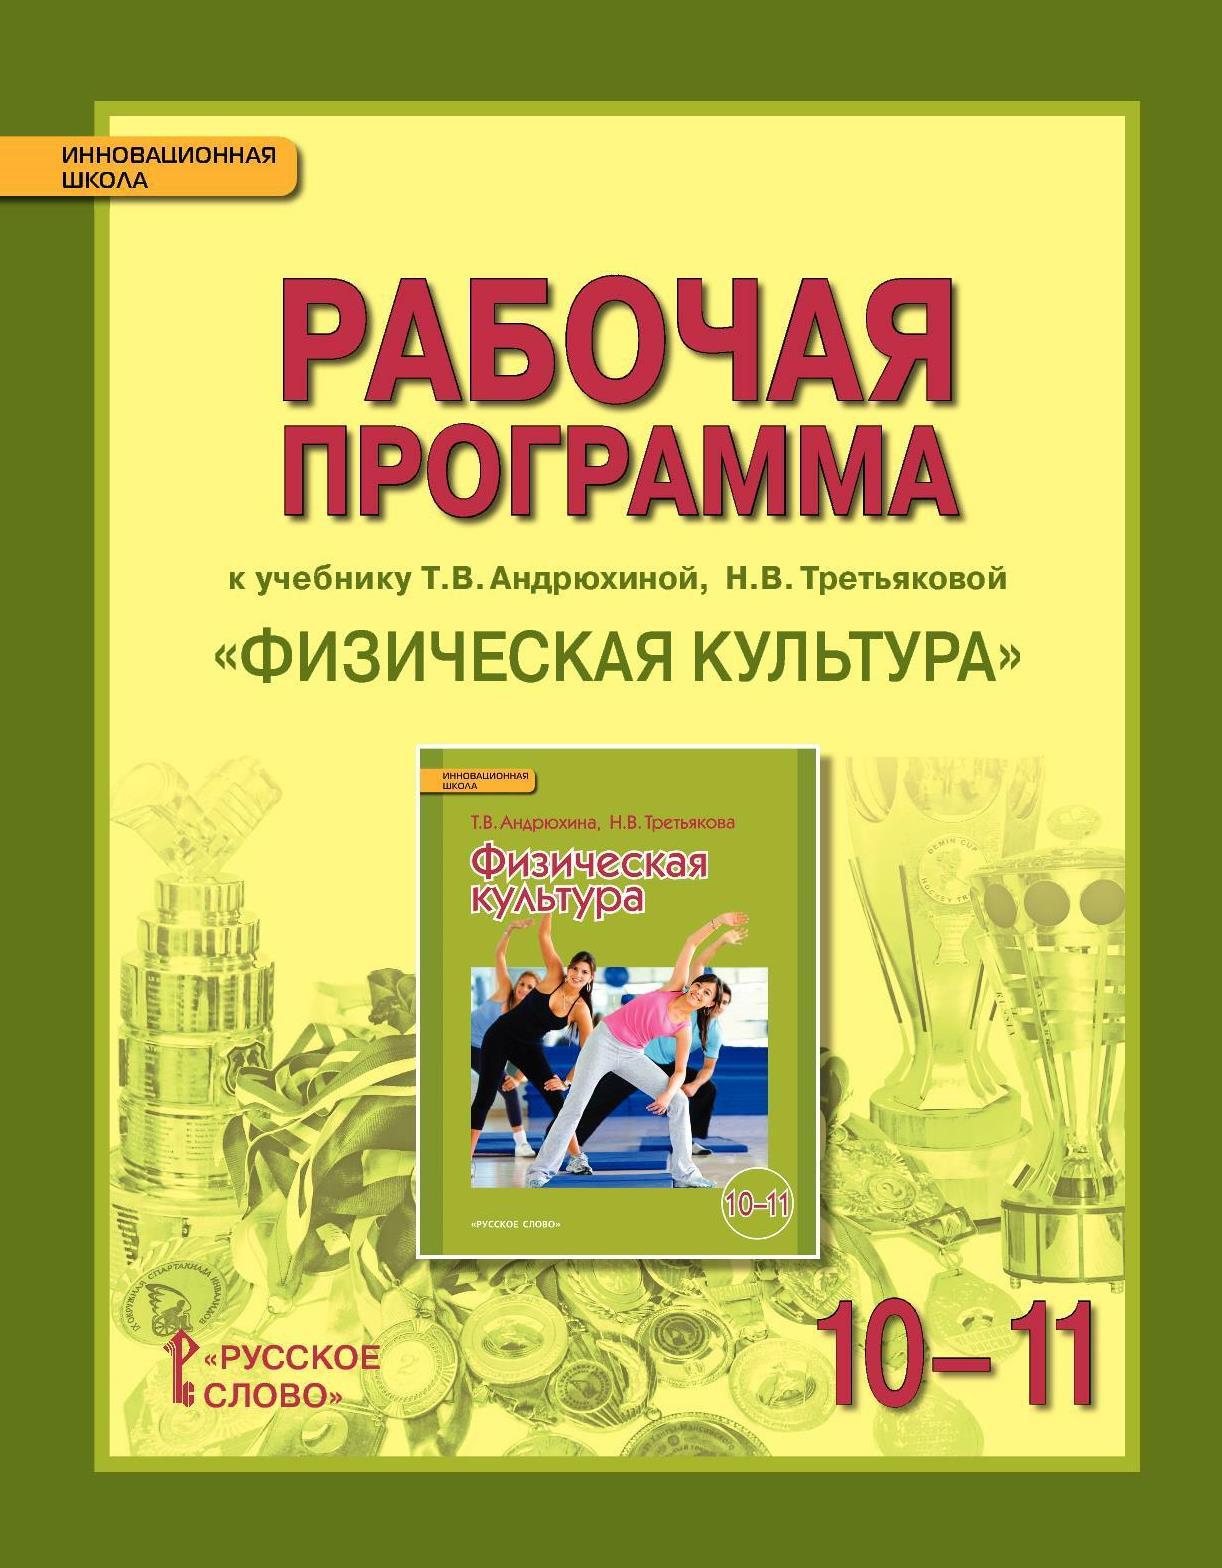 Физическая культура 10-11 классы.Рабочая программа курса ФГОС 15г.